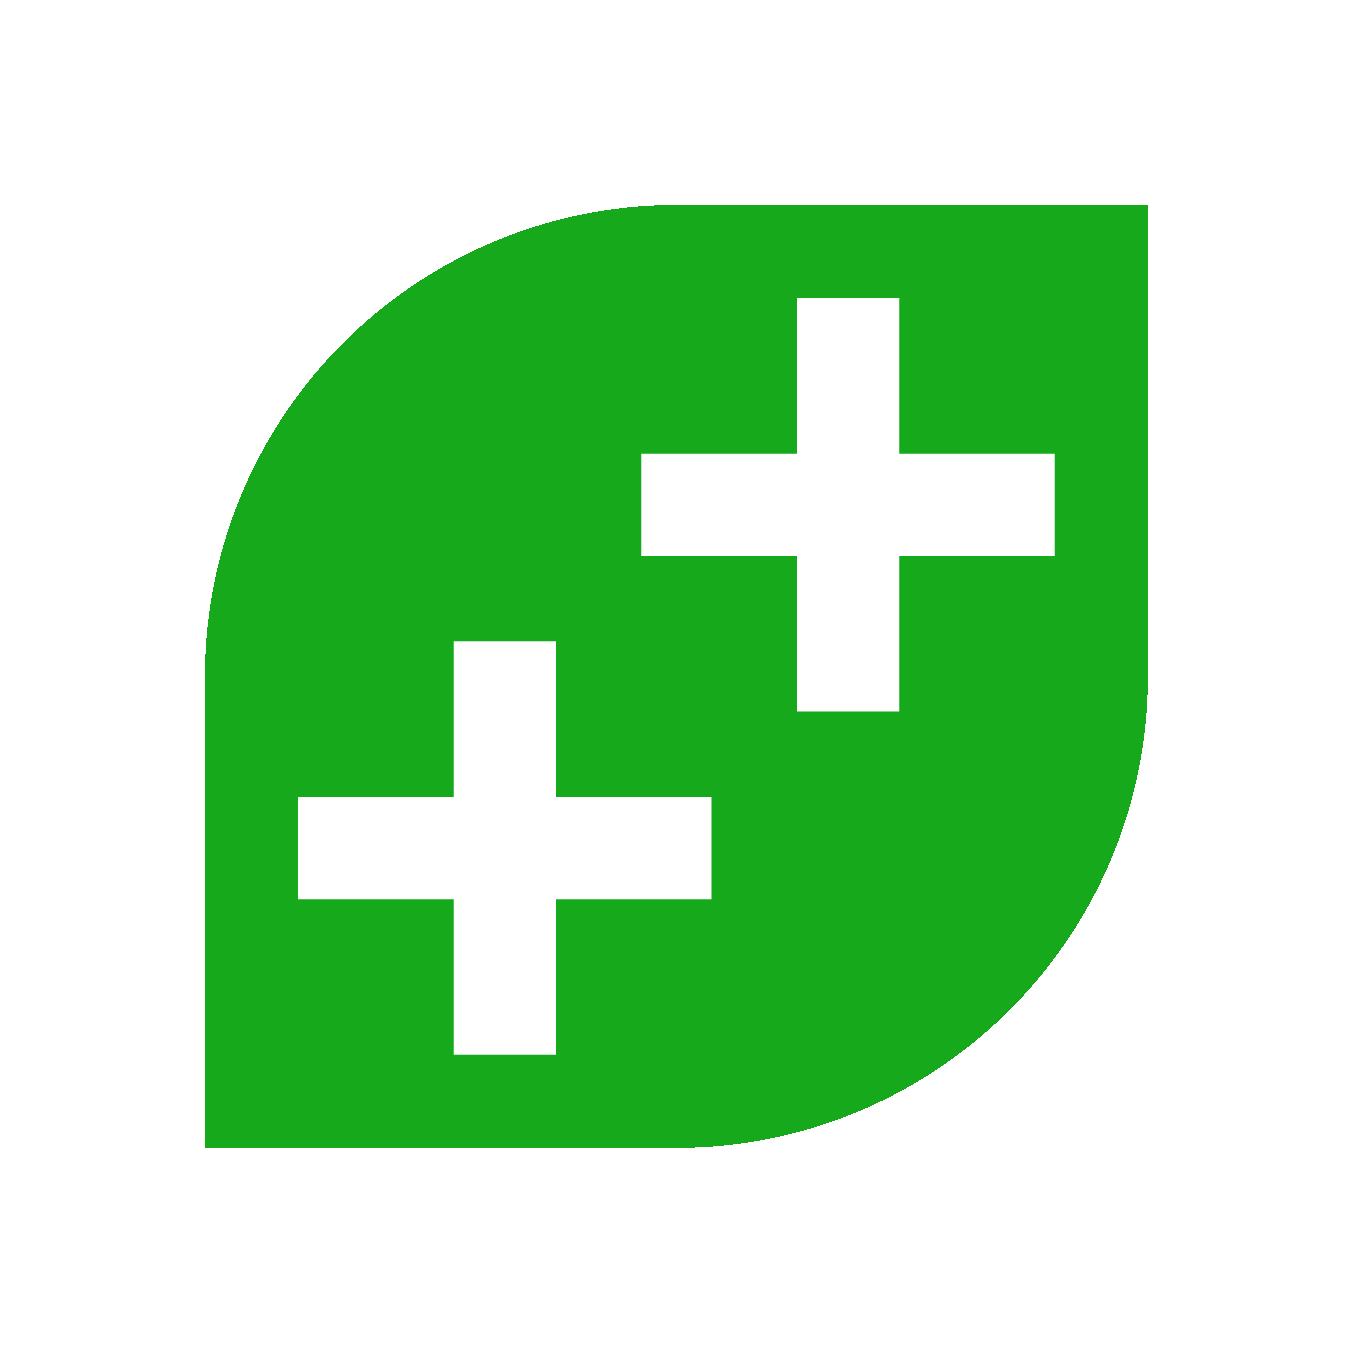 GameDev.tv